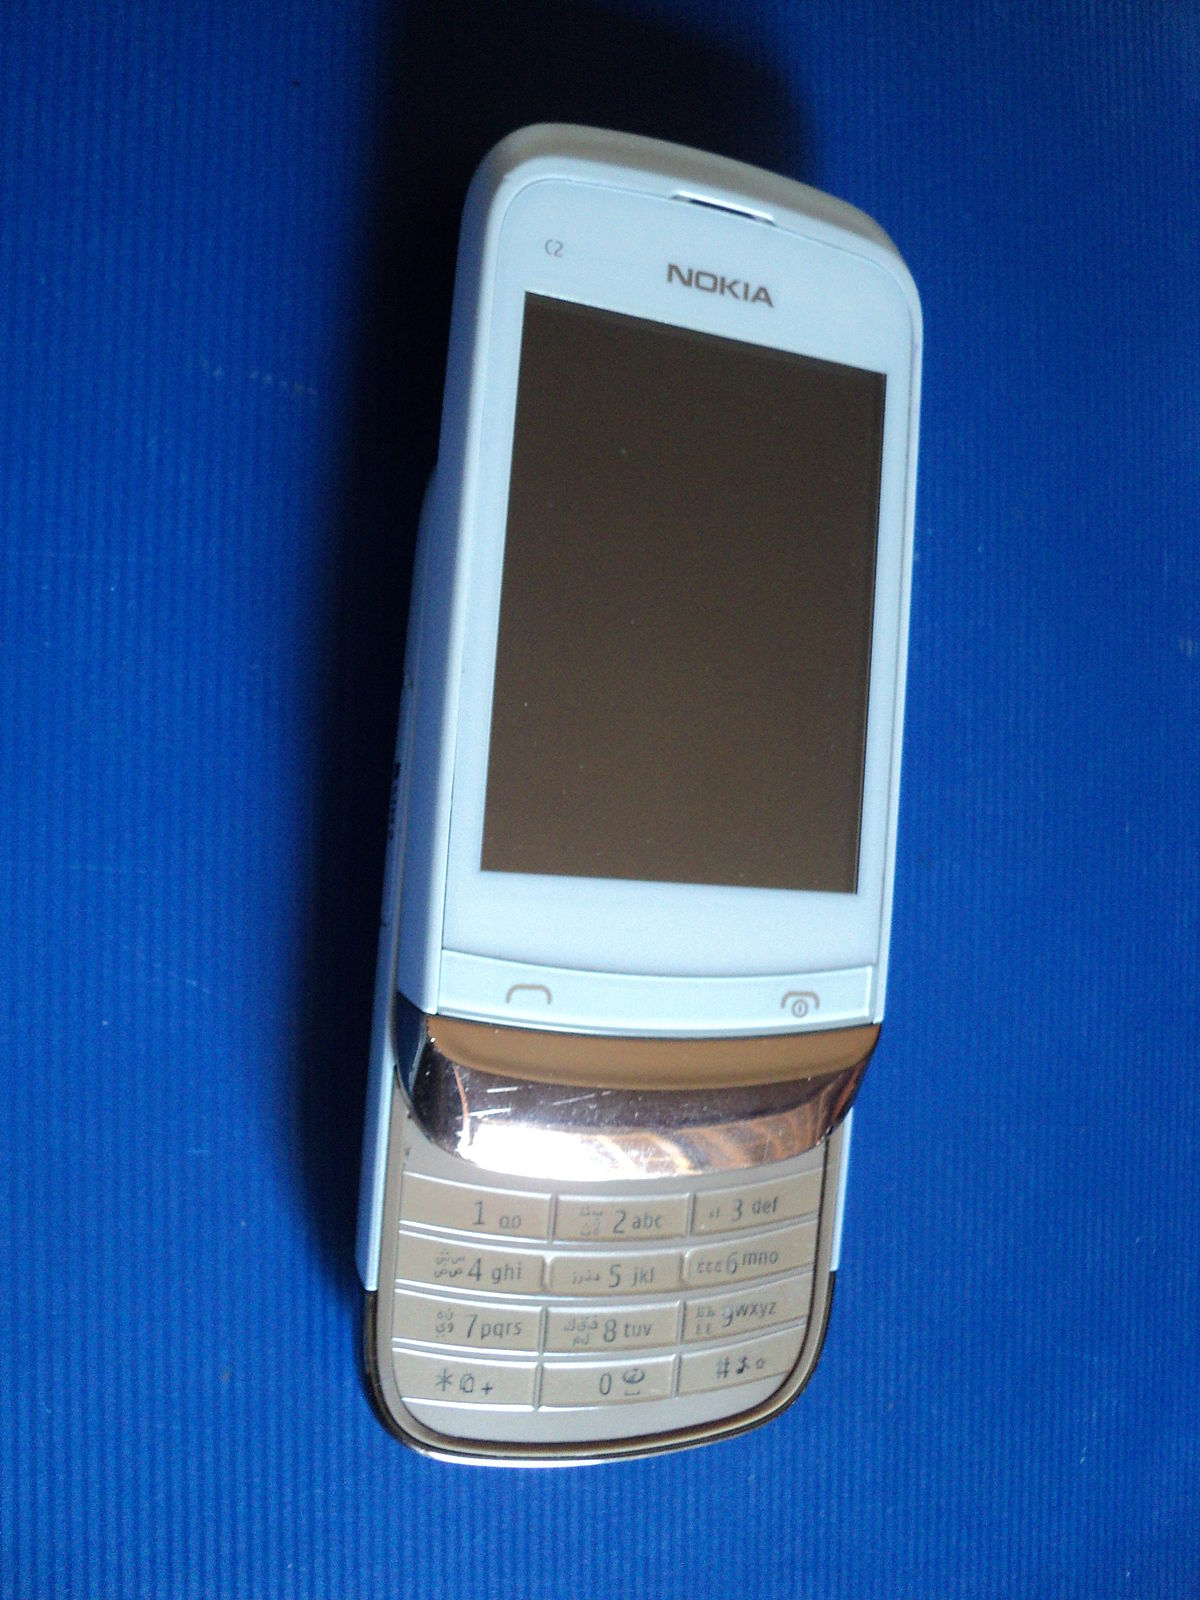 Nokia C2-03 - Wikipedia